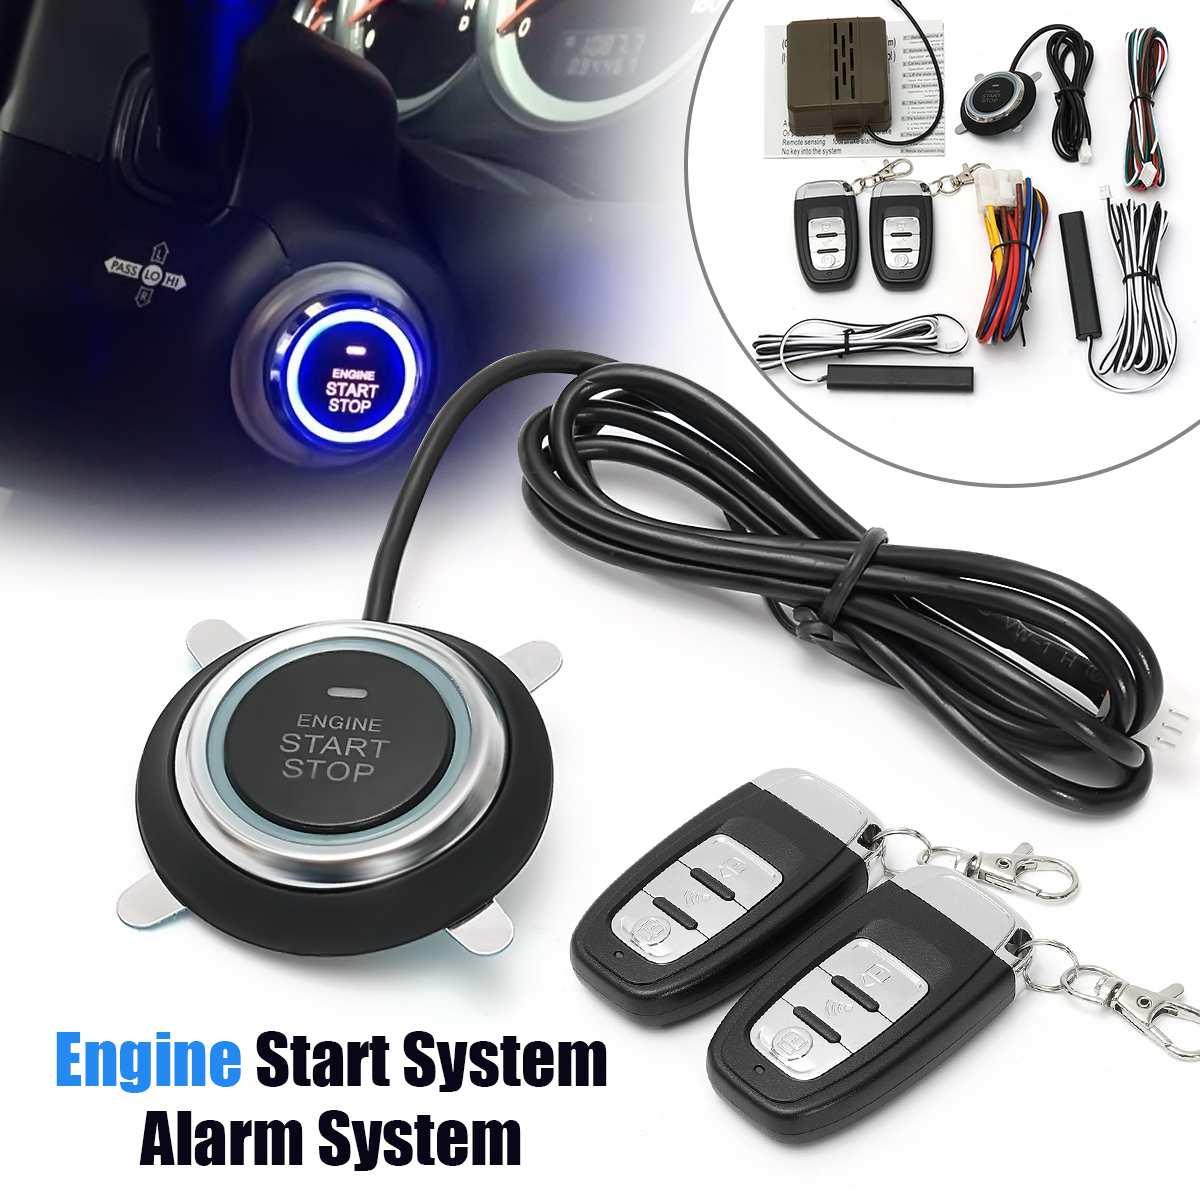 Audew 자동차 엔진 시작 중지 suv 열쇠가없는 항목 엔진 시작 경보 시스템 푸시 버튼 원격 스타터 중지 자동차 자동차 액세서리